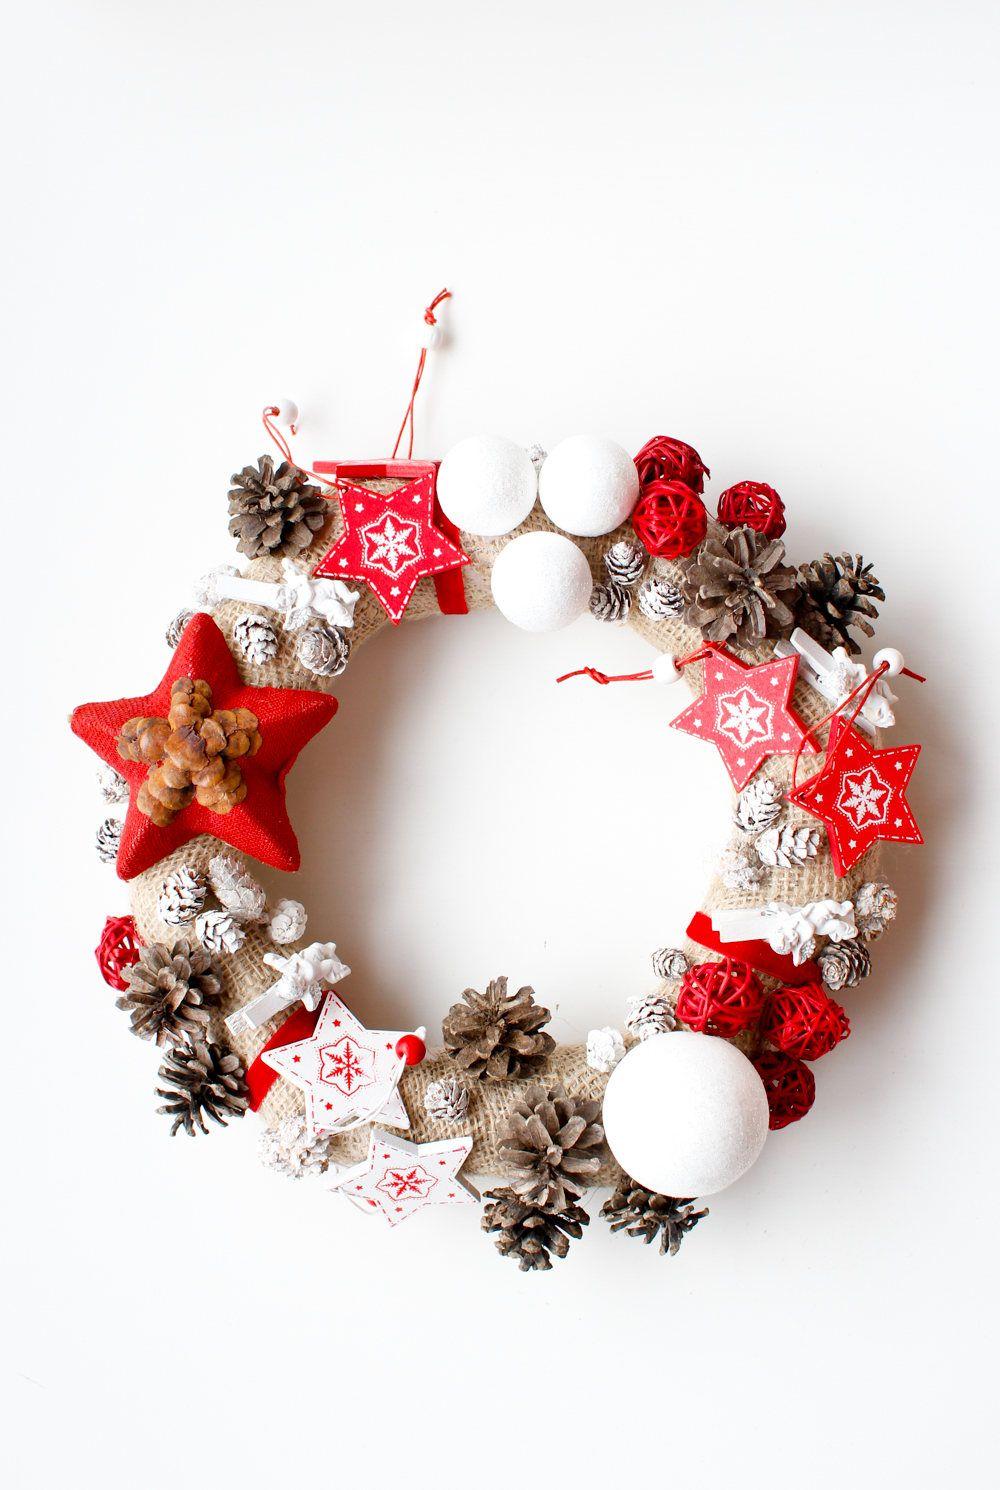 Corona Navideña Navidad Para Colgar En La Puerta Guirnalda Rústica Piña Bolas Angeles Rojo Blanca He Coronas Navideñas Coronas De Navidad Guirnaldas De Navidad